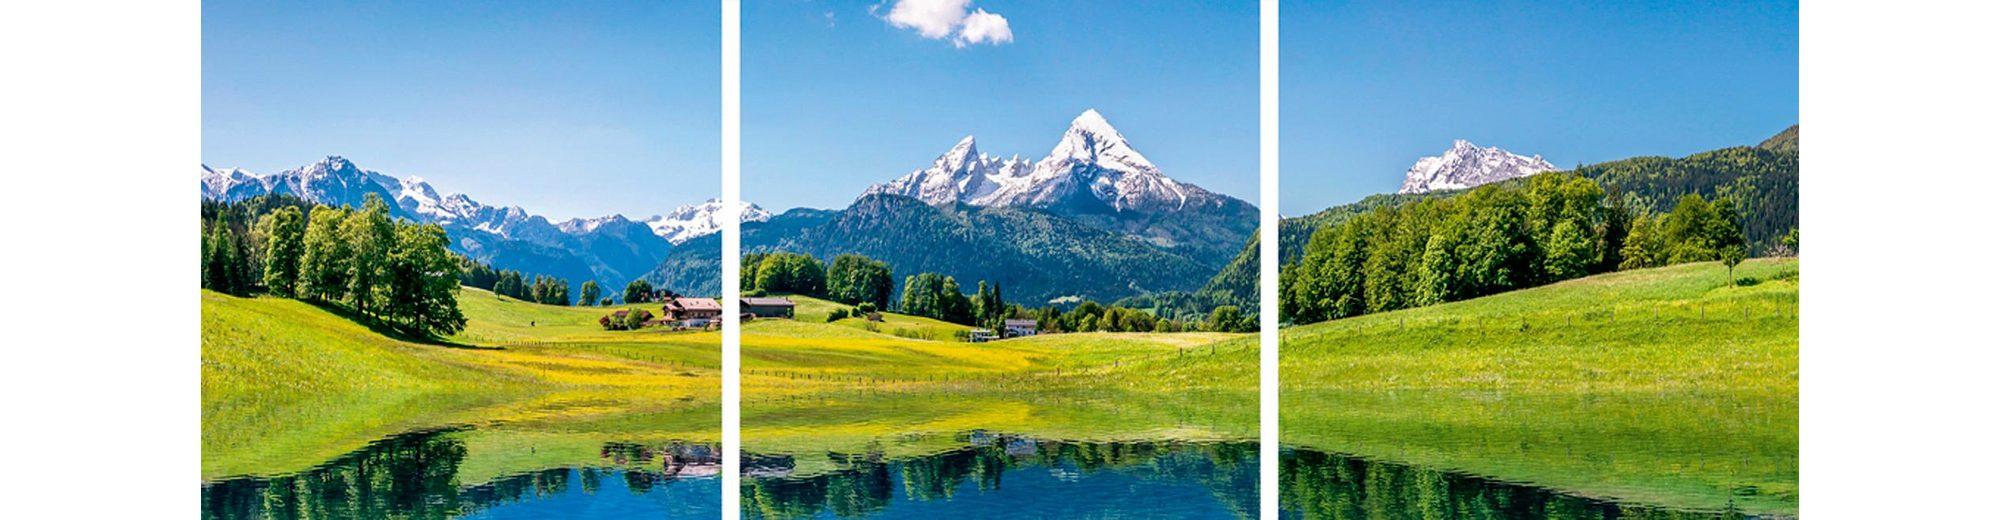 Home affaire Glasbilder »canadastock: Panora einer Landschaft in den Alpen«, 3x 30/30 cm